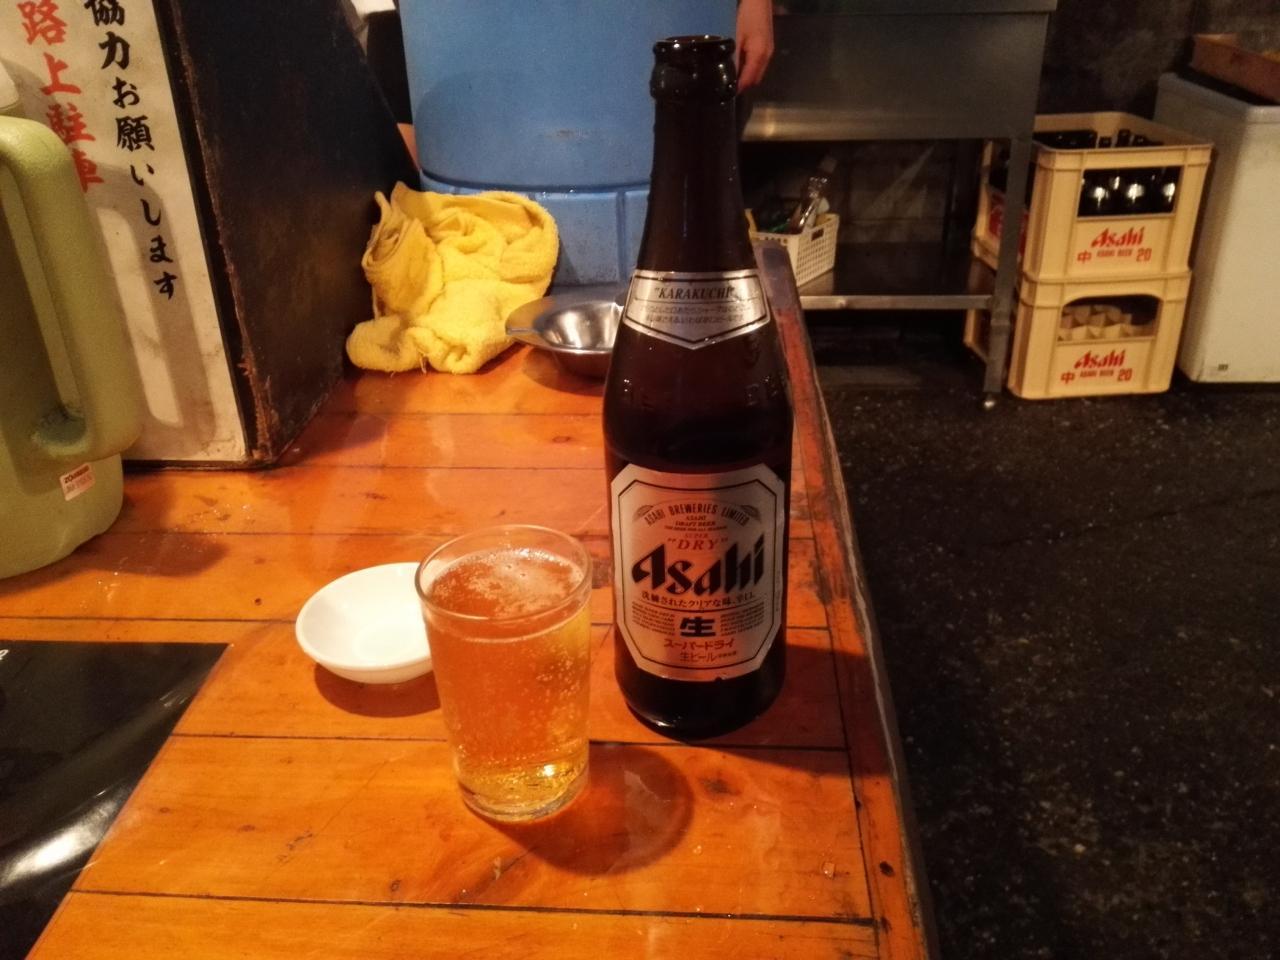 アンパンマン ビール 屋台